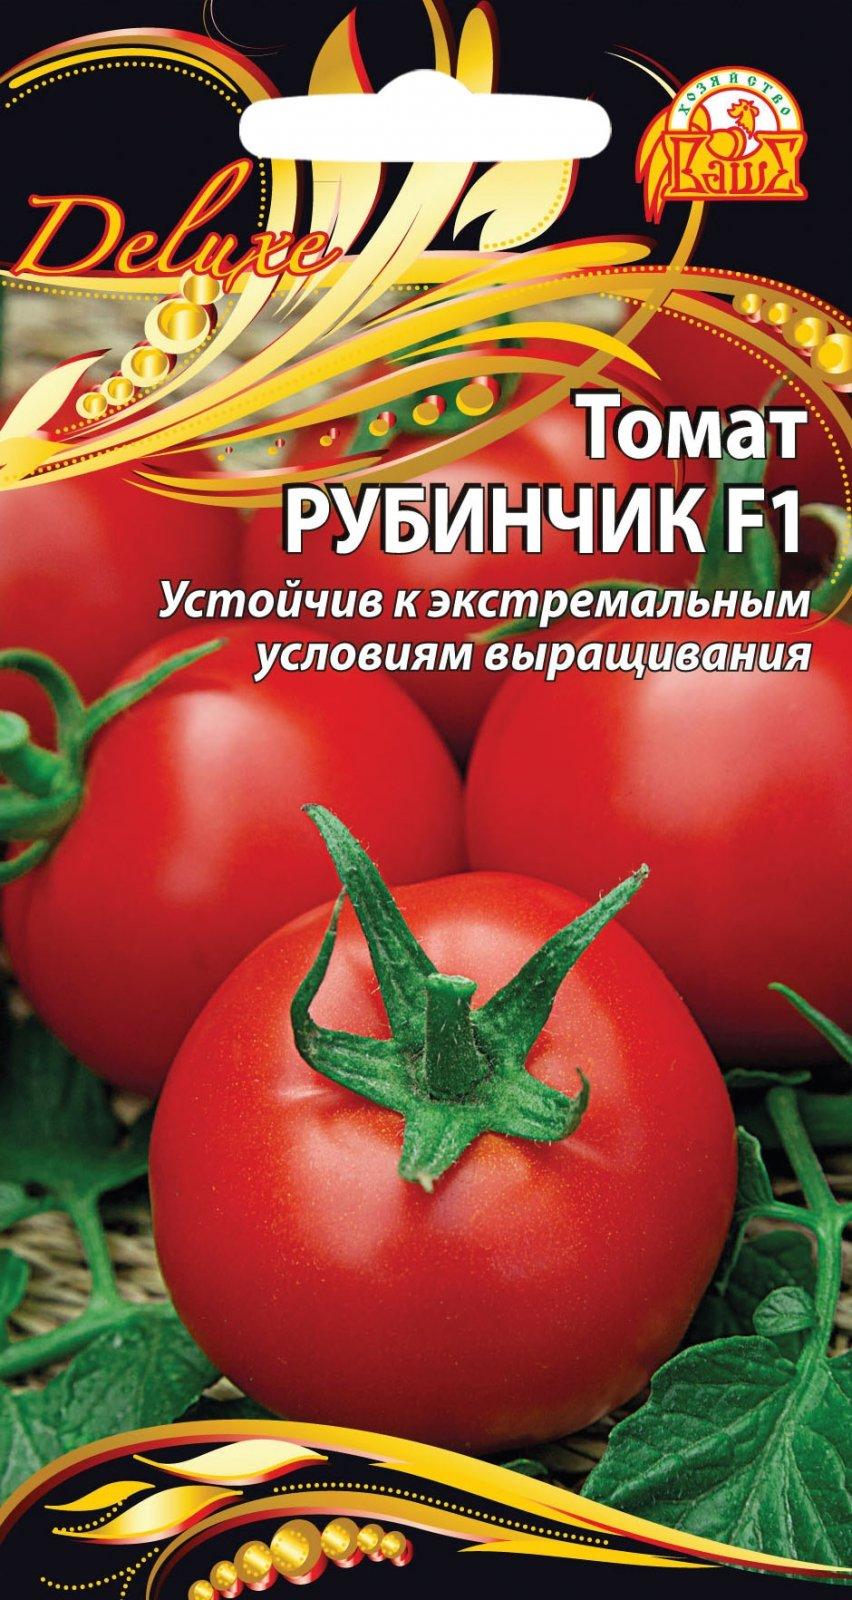 Томат кистевой f1 - характеристика и описание сорта, фото, урожайность, выращивание, отзывы овощеводов